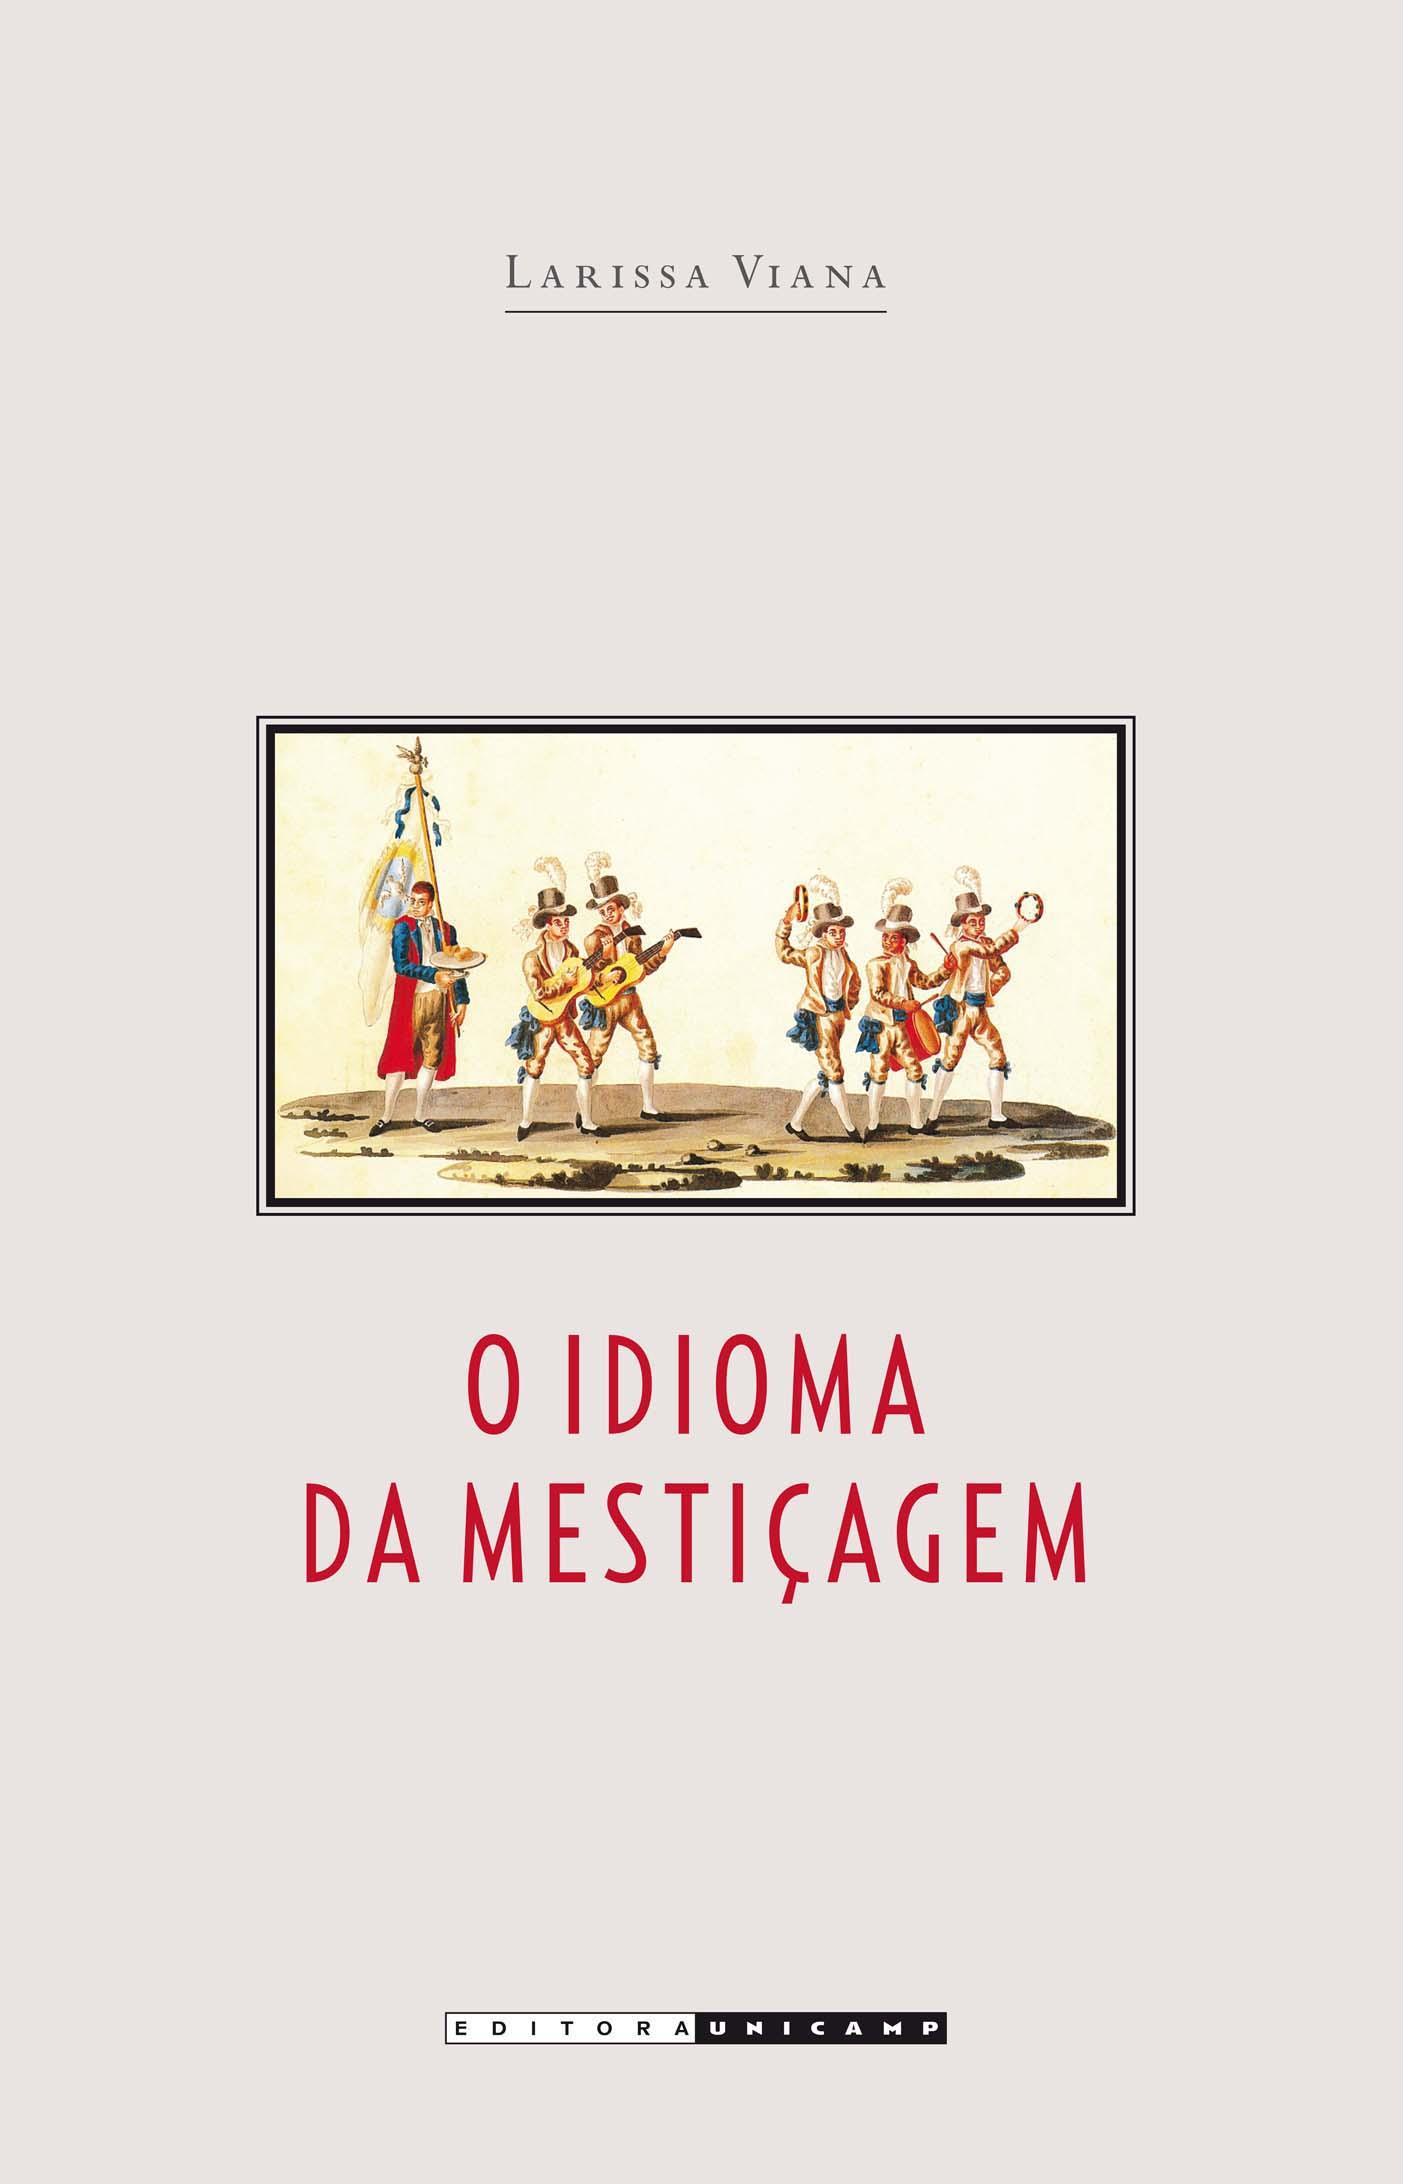 O idioma da mestiçagem - As irmandades de pardos na América Portuguesa, livro de Larissa Viana